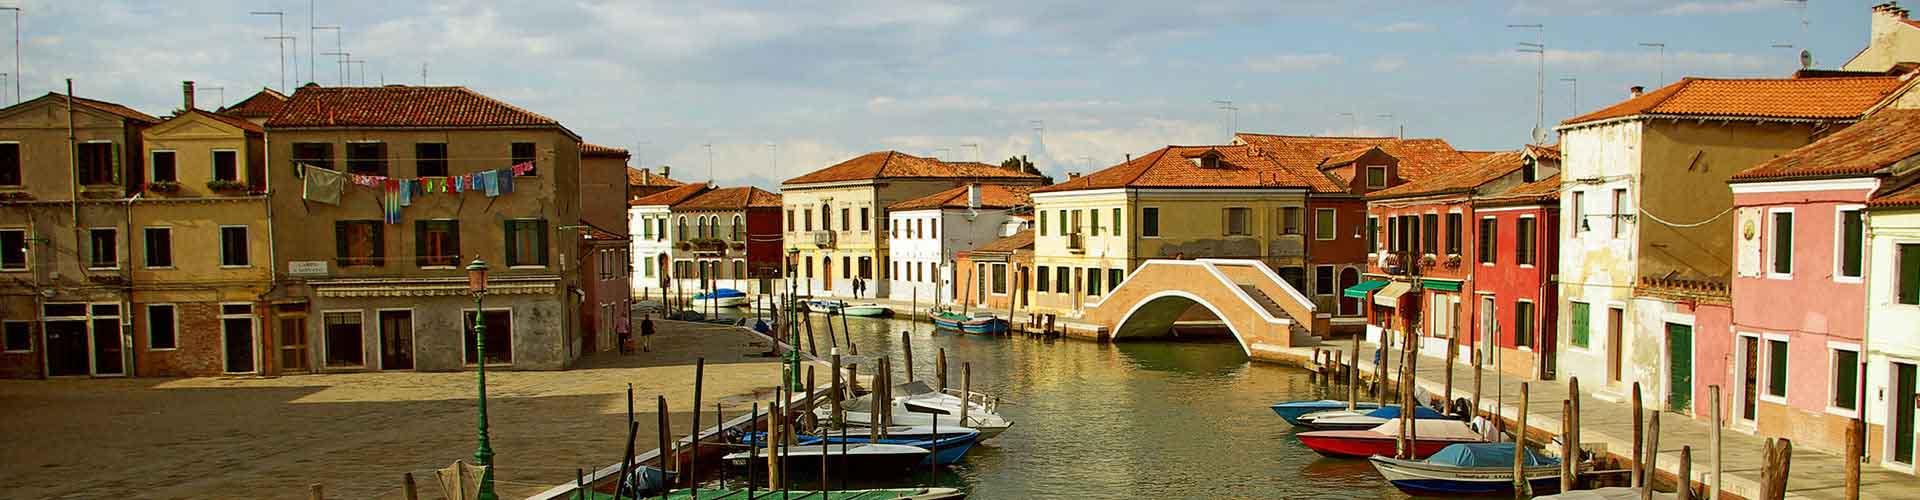 Veneza Mestre – Camping próximos de Aeroporto Marco Polo de Veneza . Mapas para Veneza Mestre, Fotos e Avaliações para cada camping em Veneza Mestre.